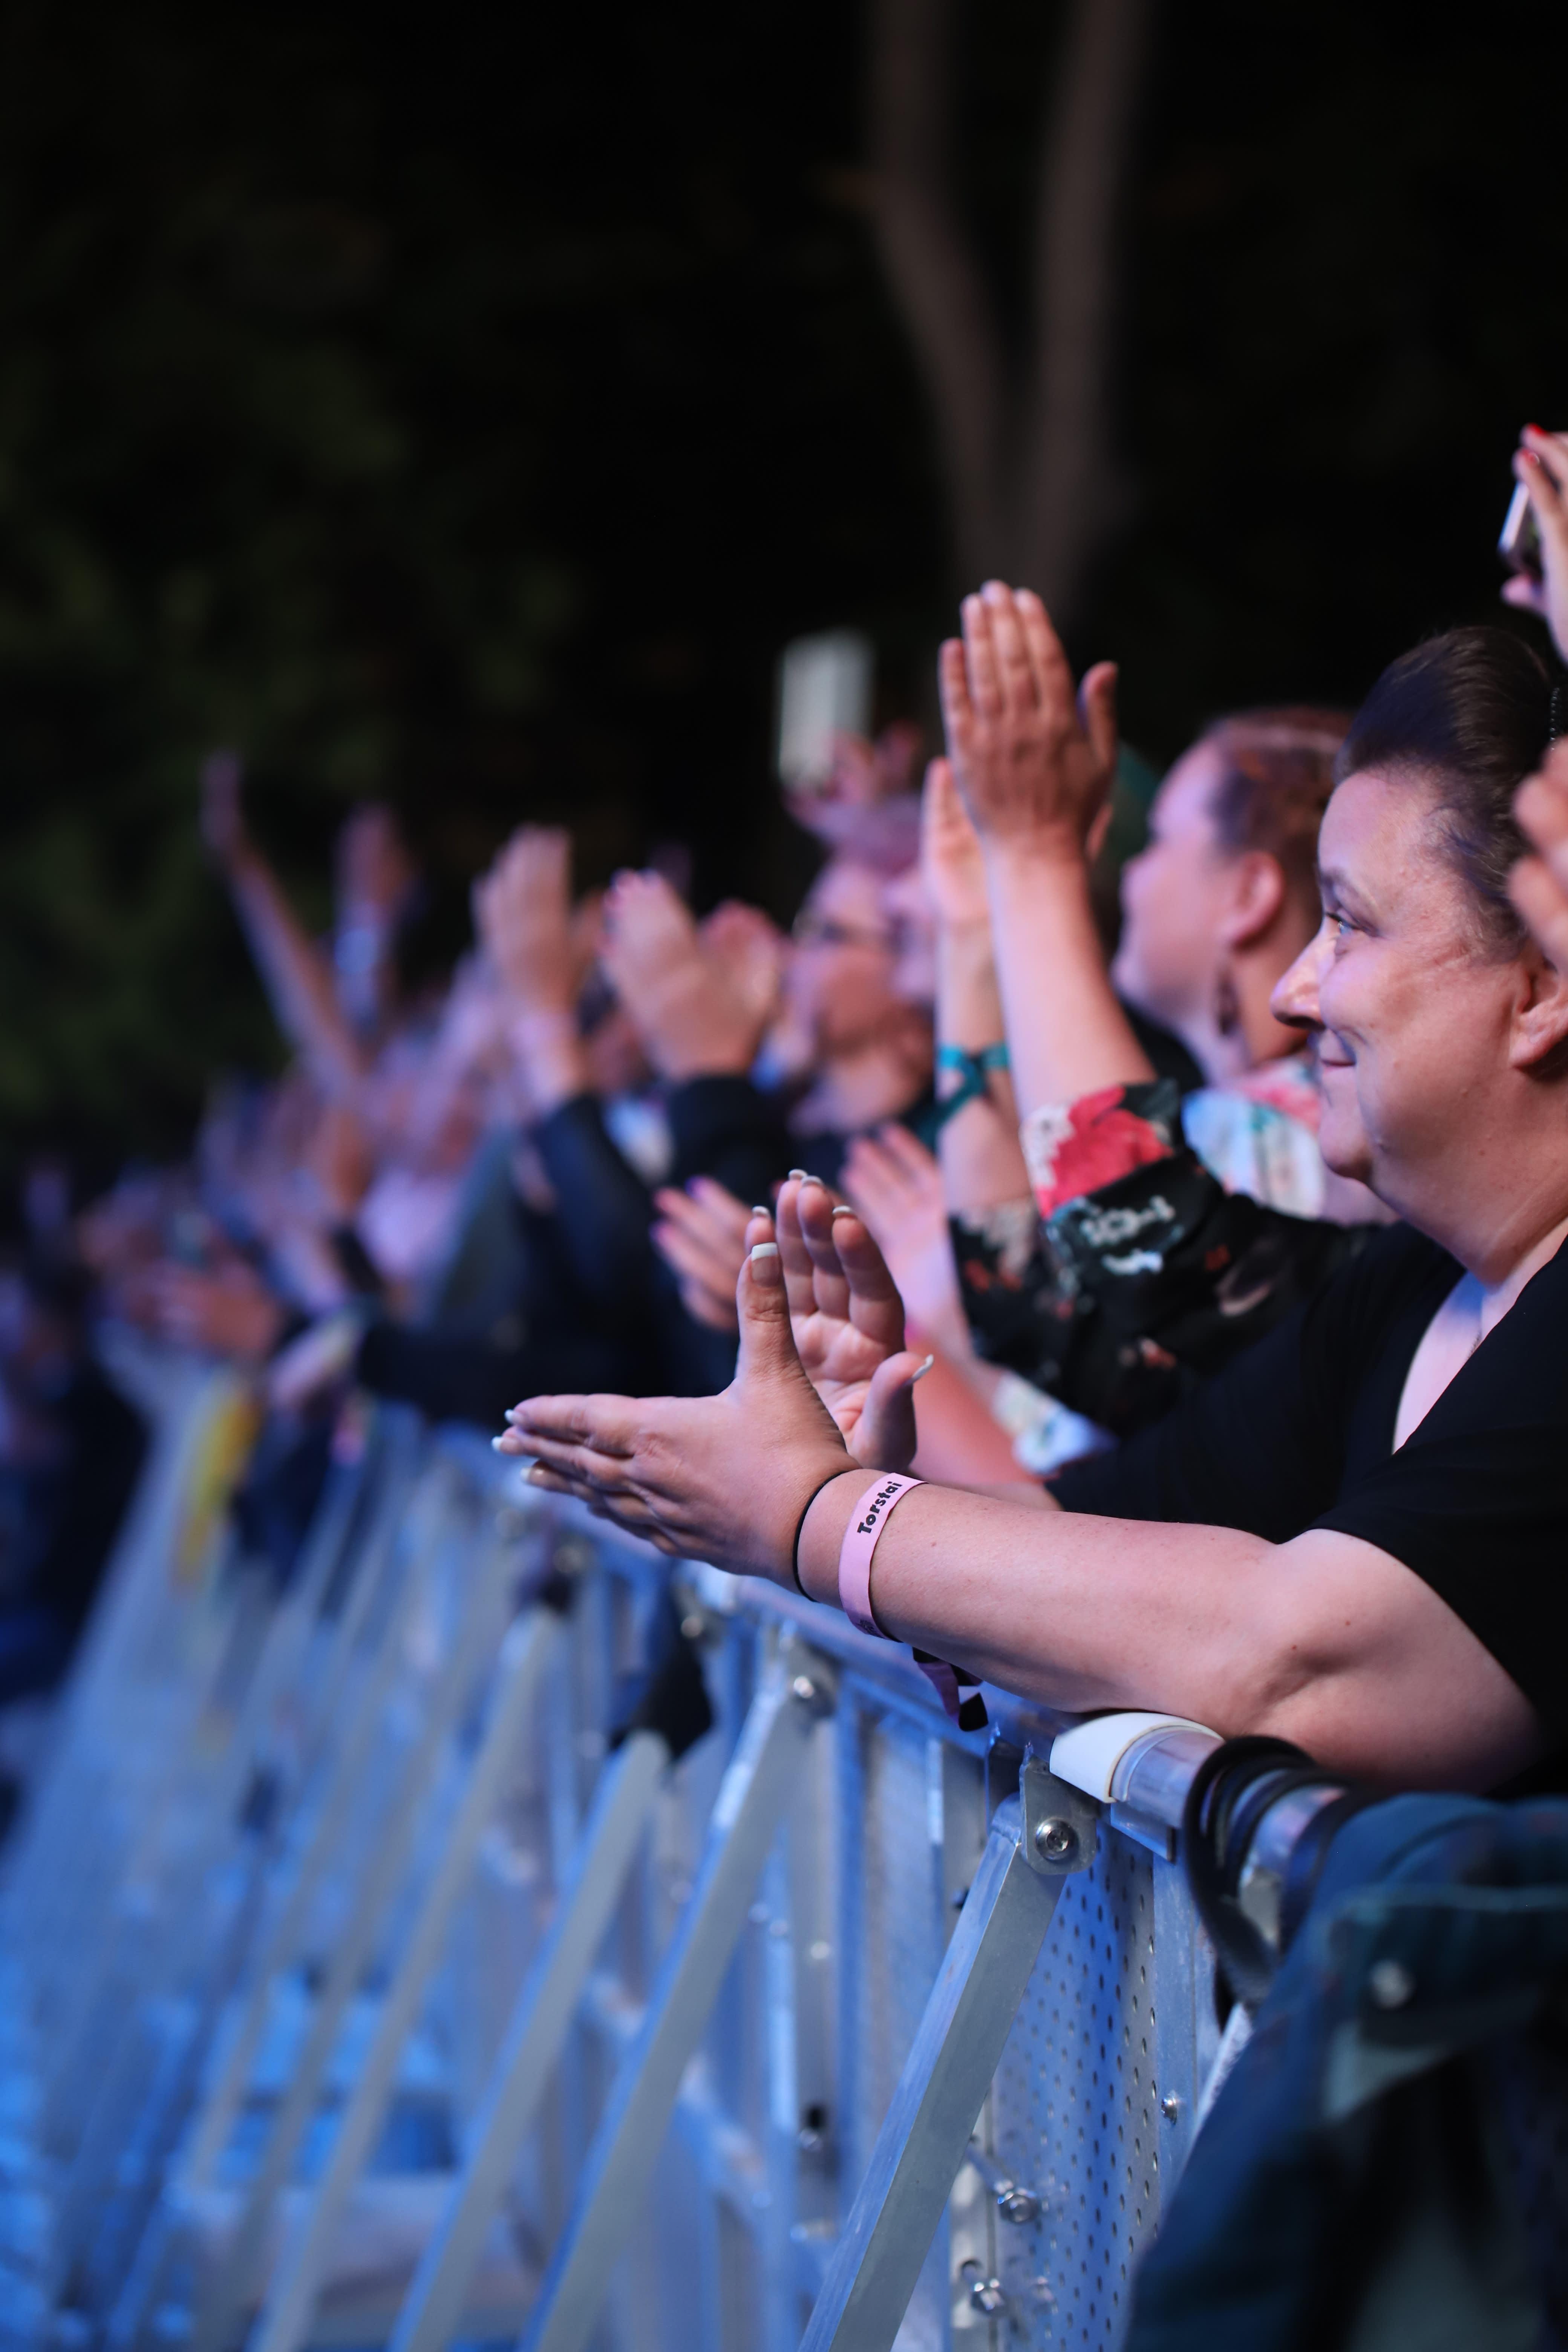 Ihmisiä festivaaleilla katsomassa esiintyjää